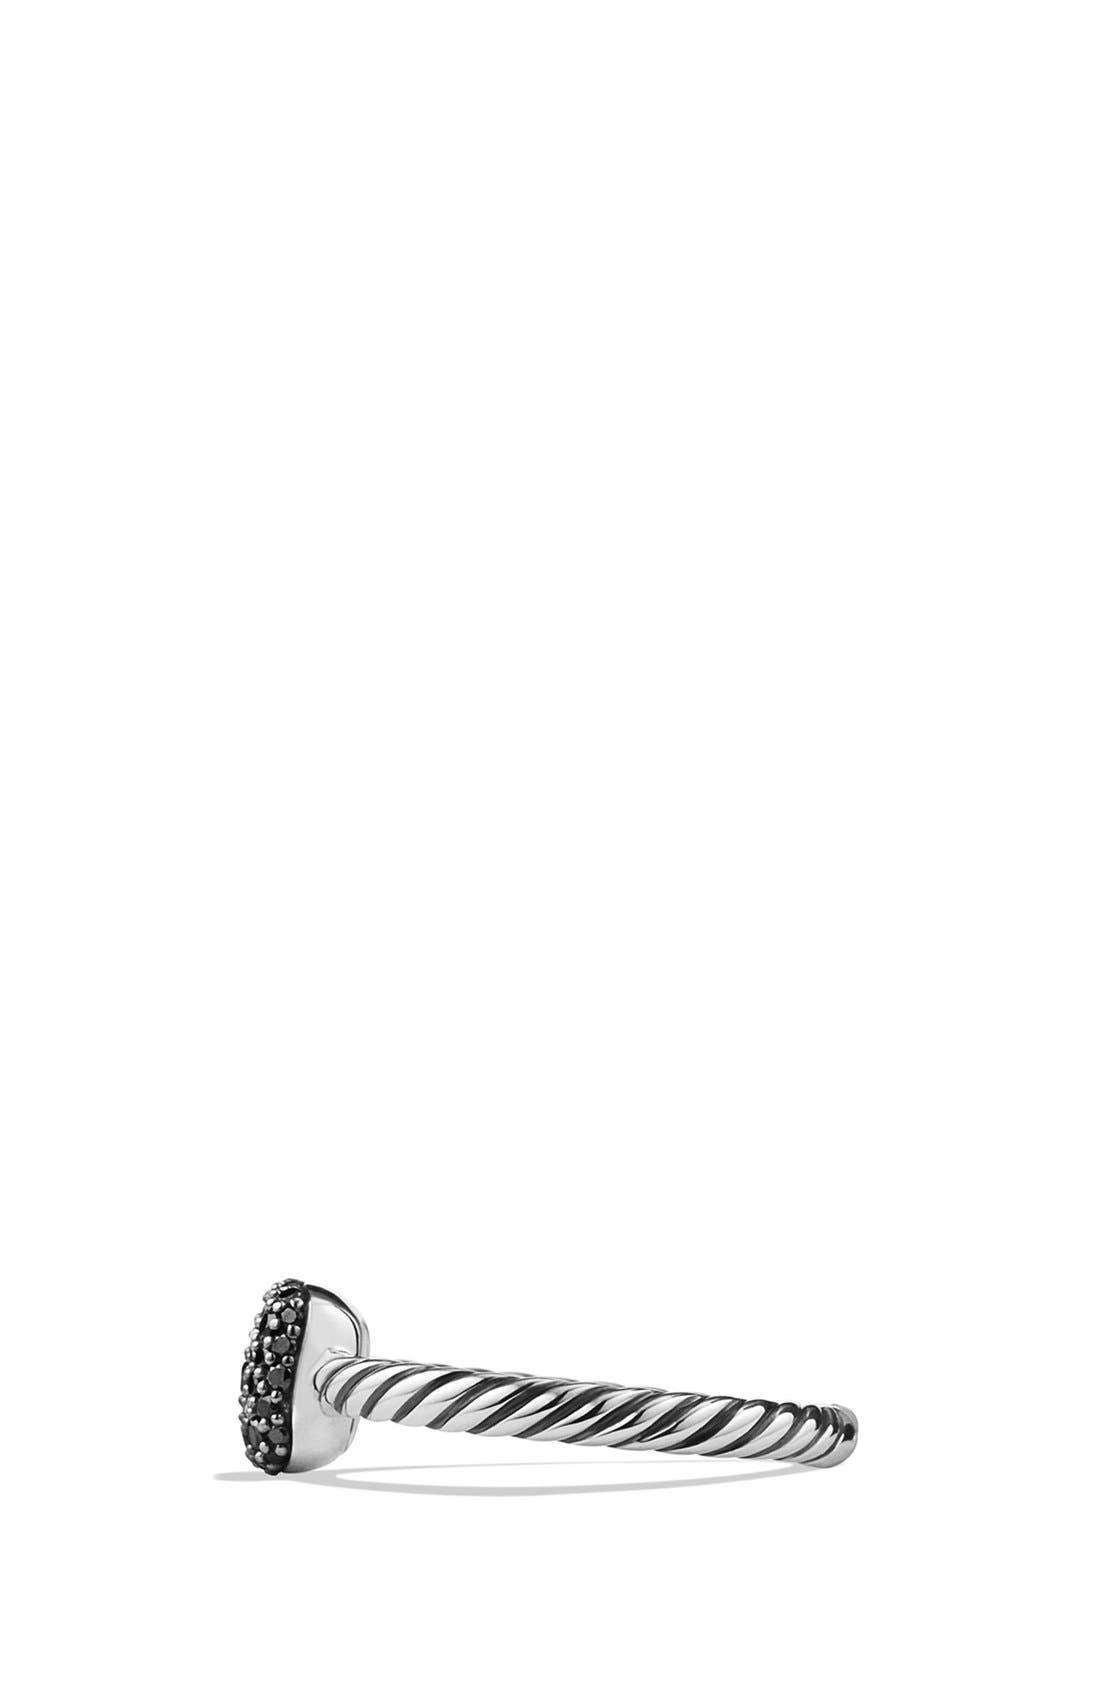 Alternate Image 3  - David Yurman 'Pavé' Cushion Ring with Black Diamonds